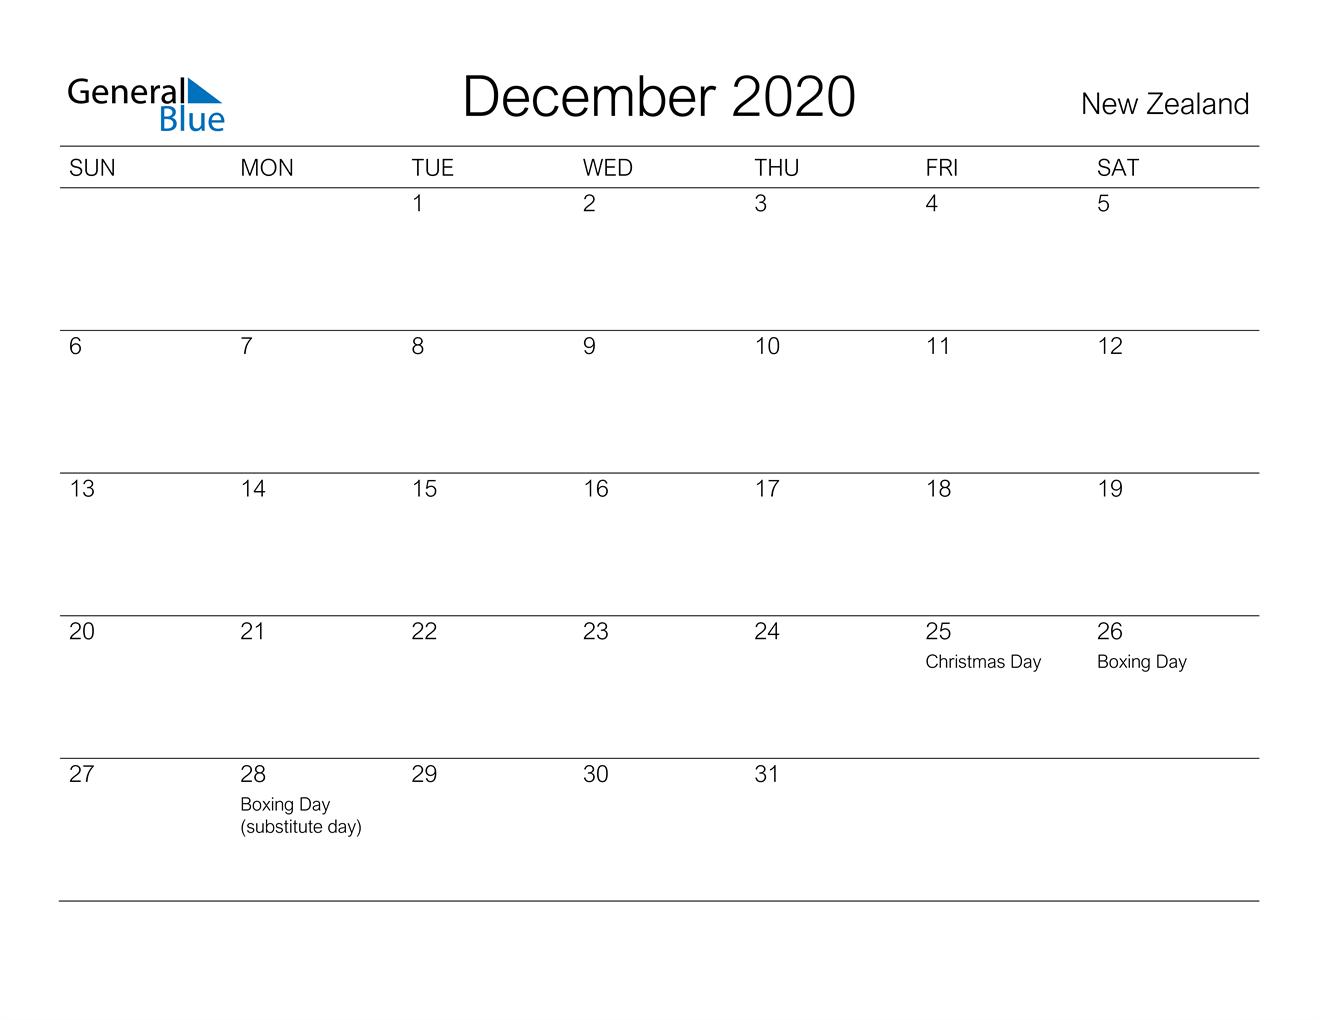 December 2020 Calendar - New Zealand